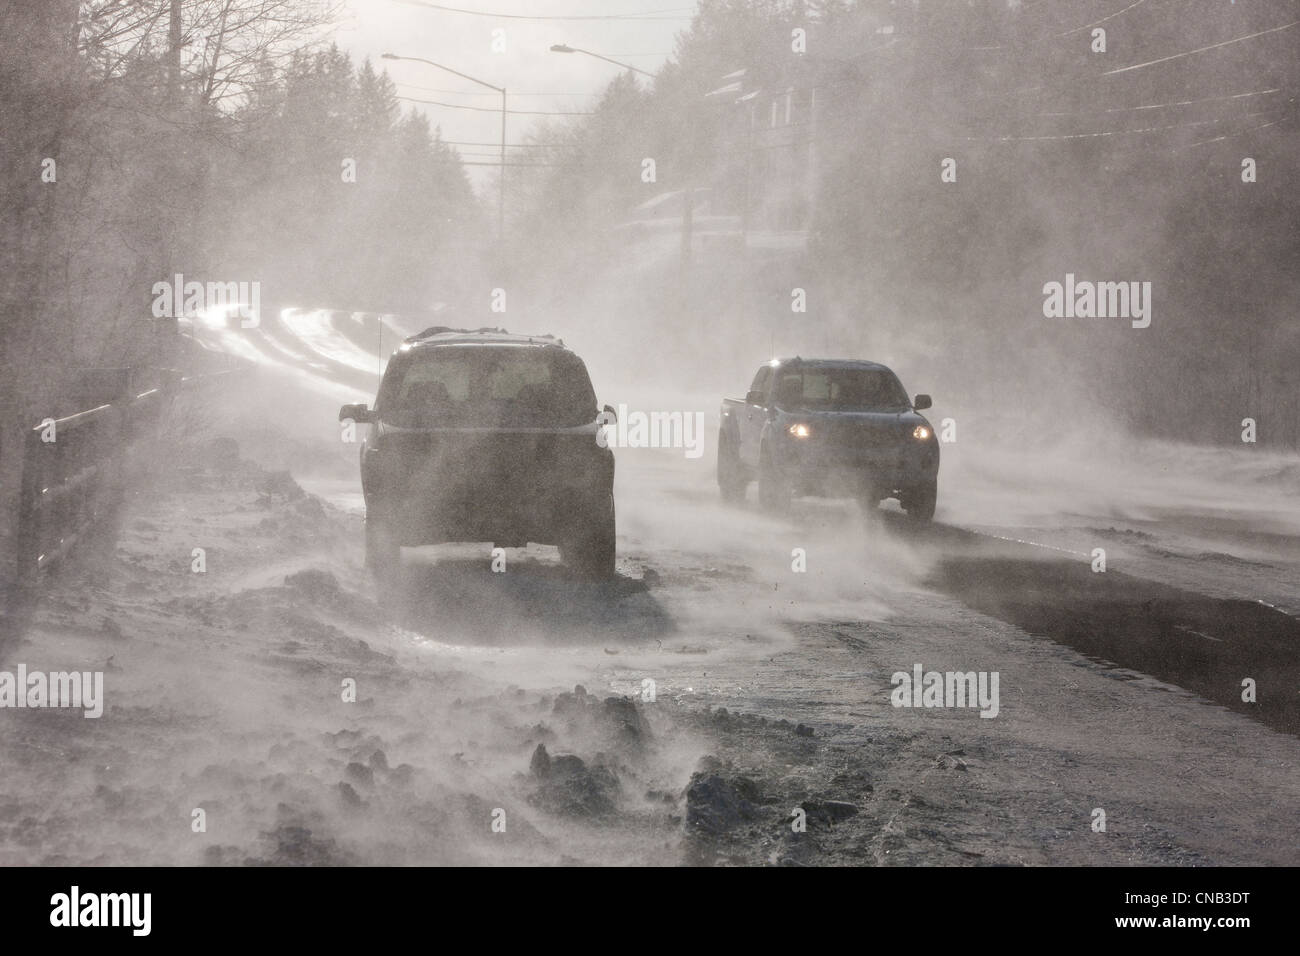 Conduire sur route Véhicules Douglas obscurci par 70 mph soufflant du vent et de la neige, Juneau, Alaska du Photo Stock